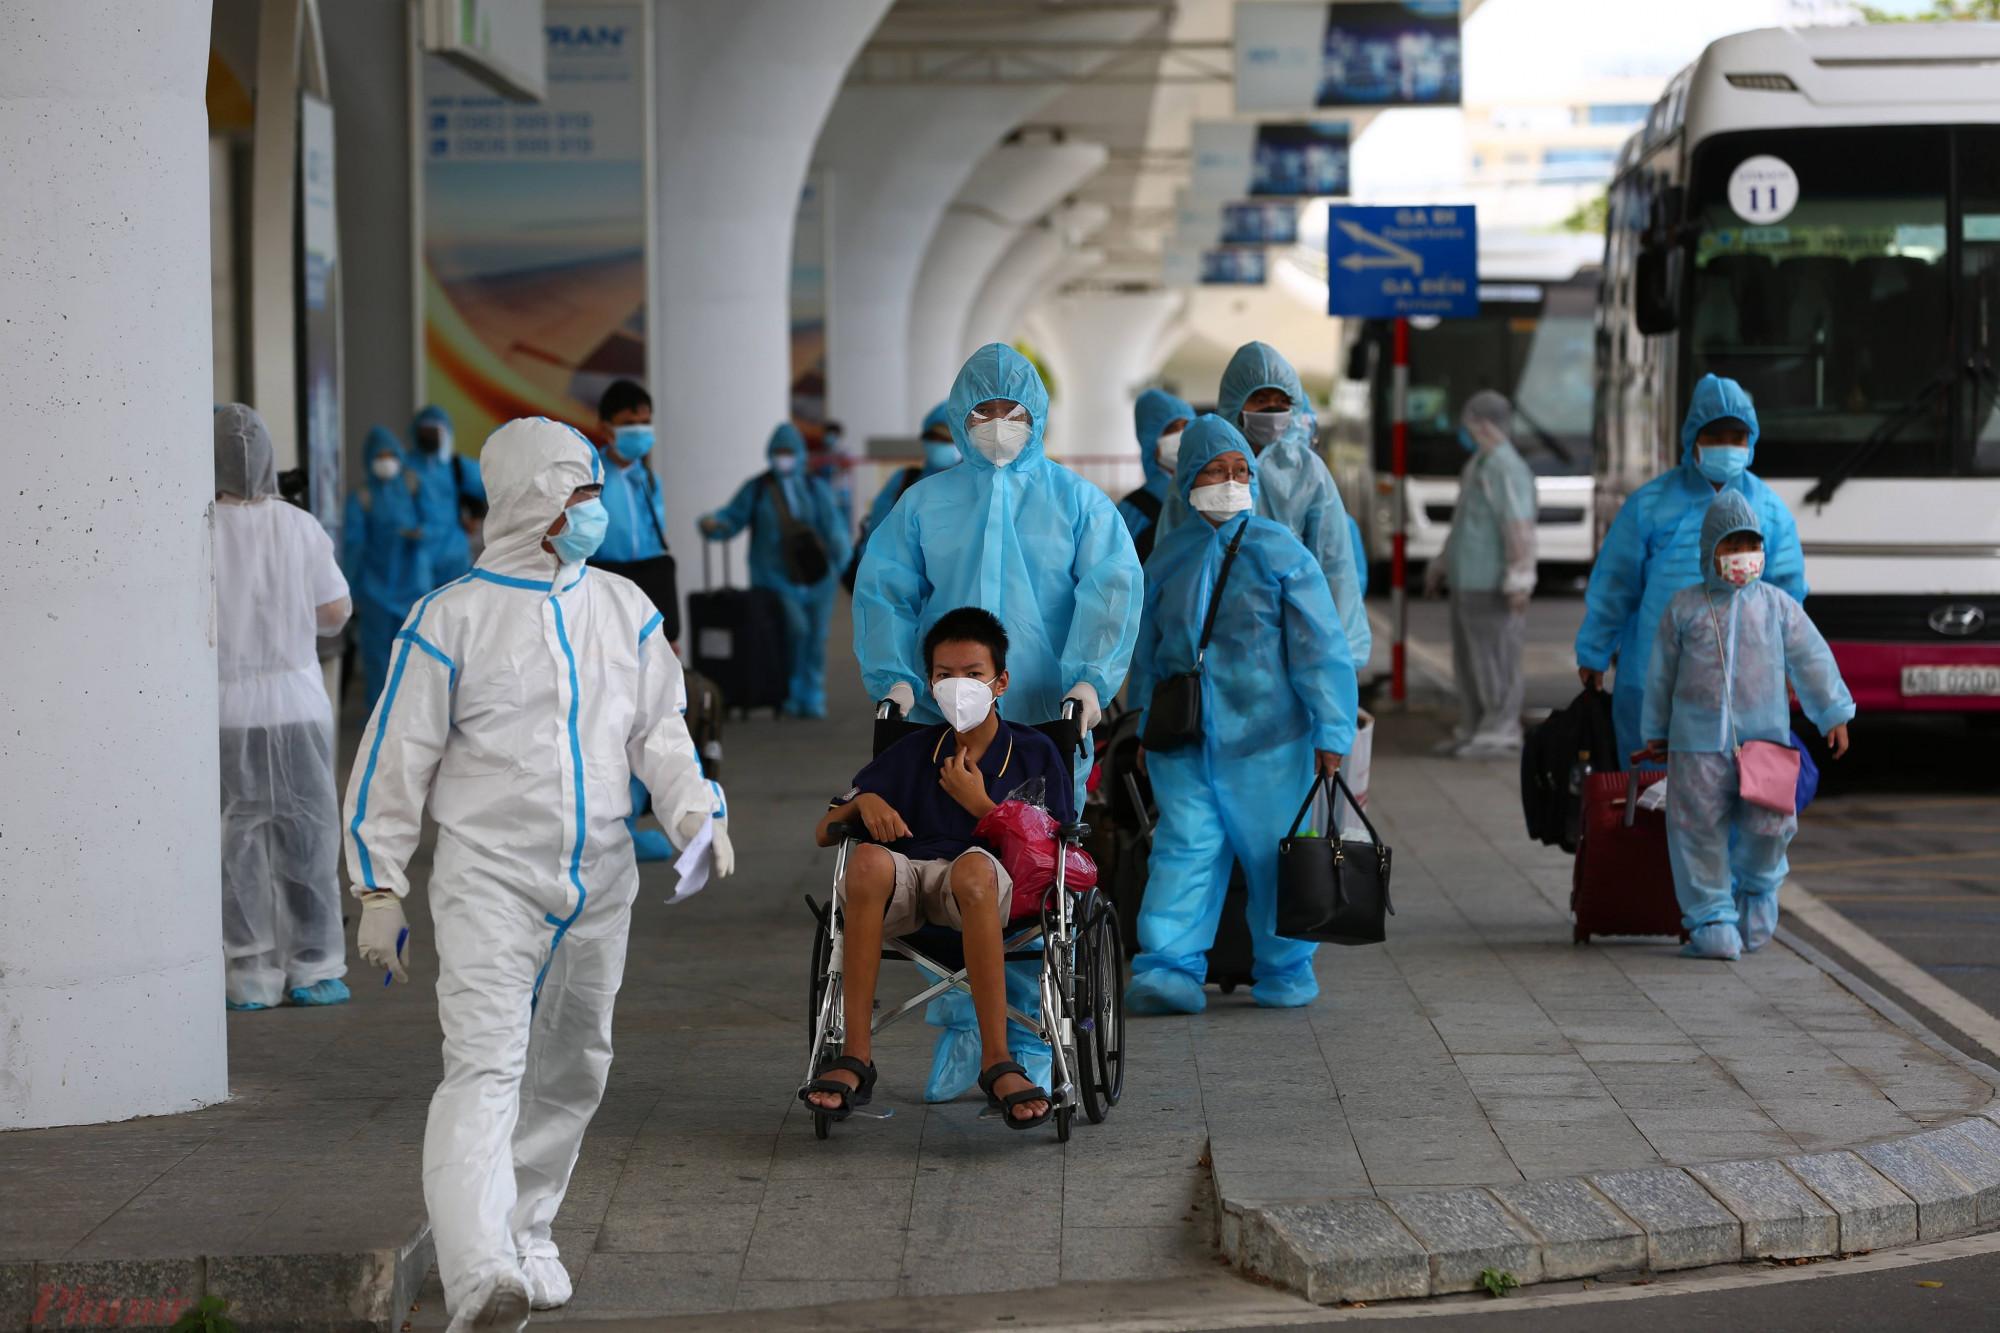 Chủ tịch Đà Nẵng Lê Trung Chinh yêu cầu giám sát chặt chẽ các cơ sở cách ly y tế tập trung, nhất là các cơ sở đang cách ly người về từ TP.HCM, không để xảy ra tình trạng lây nhiễm chéo trong khu cách ly.